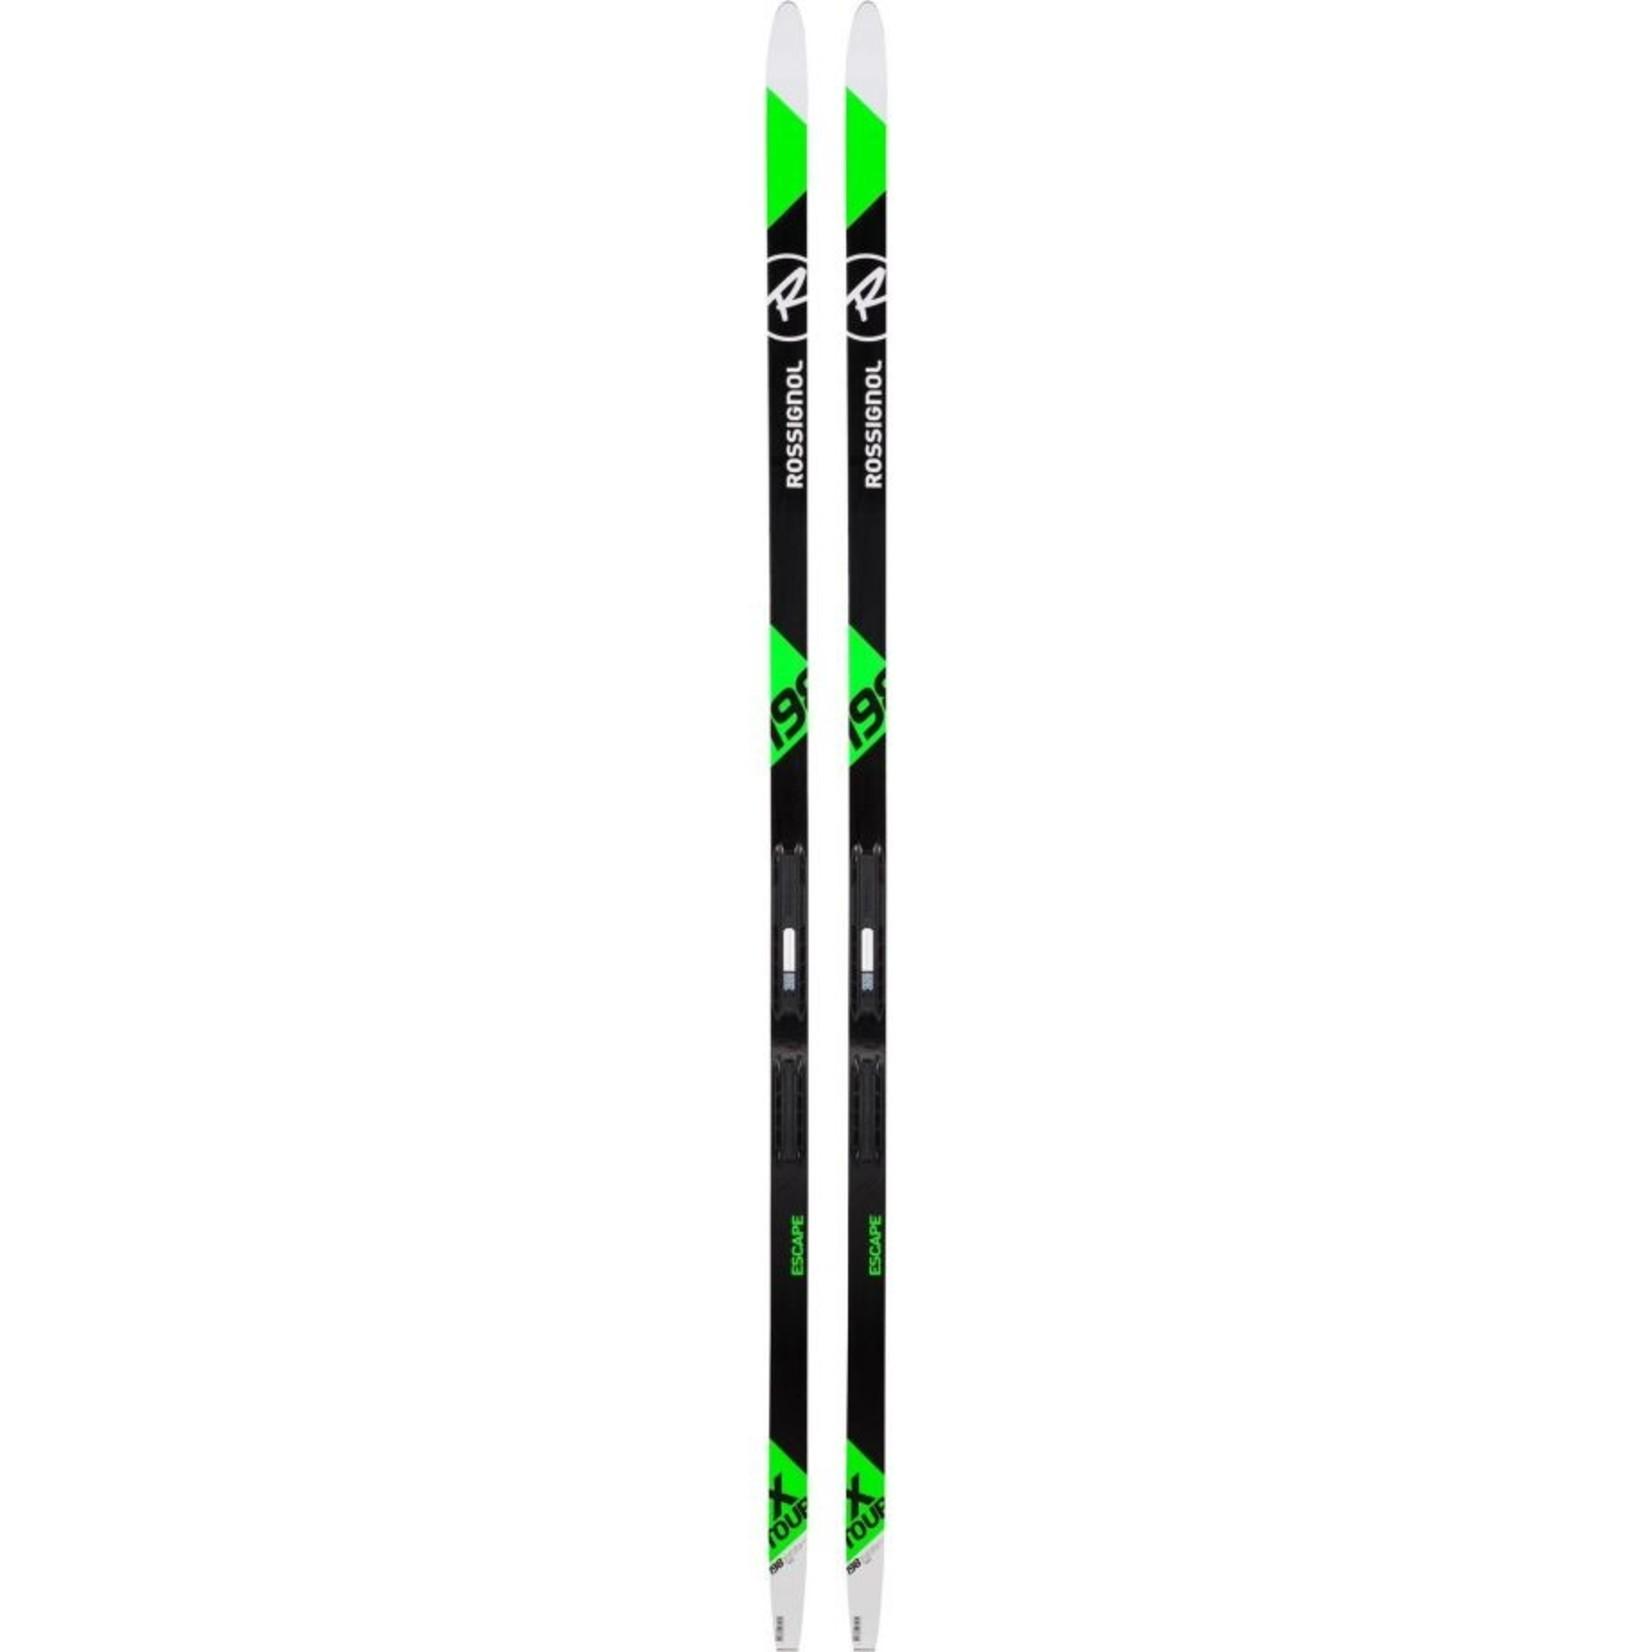 Rossignol Ski de Fond Rossignol X-Tour Escape AR IFP